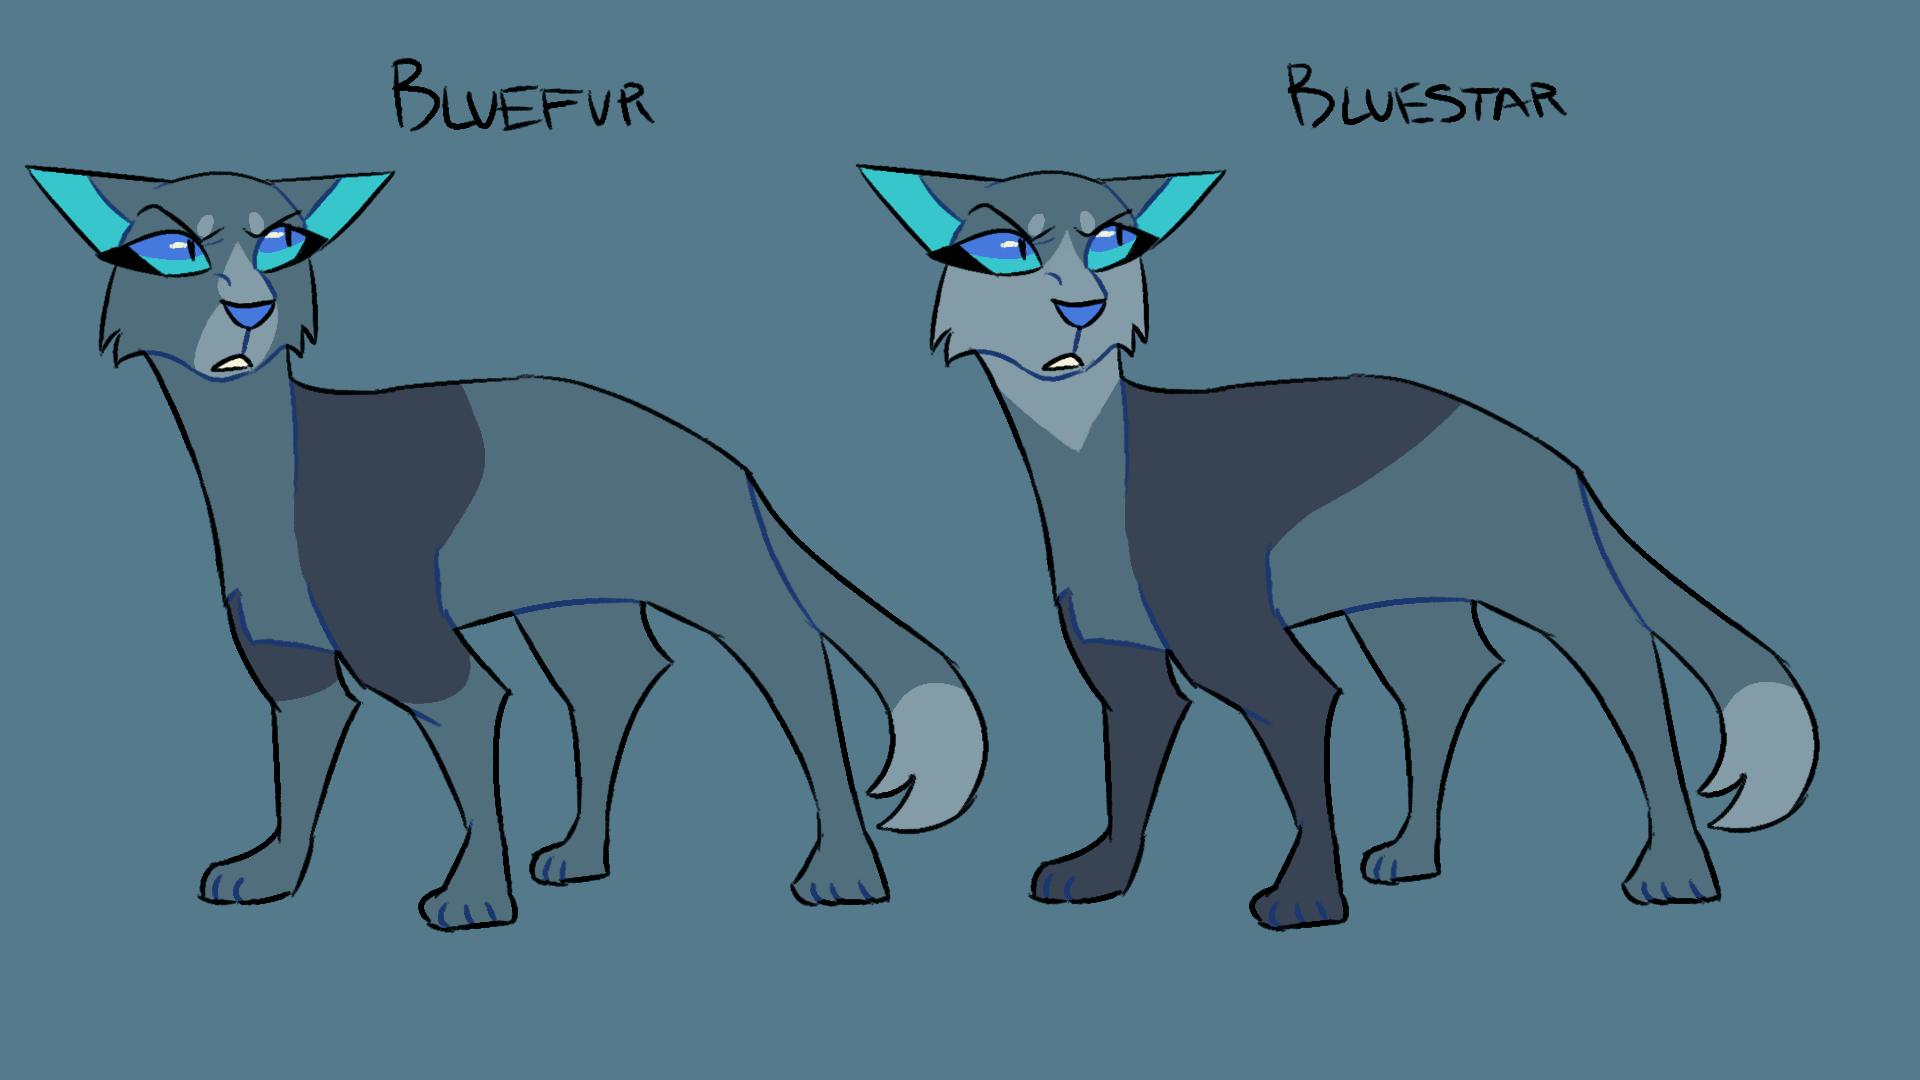 Bluefur Bluestar Designs For The Pmv Warrior Cats Art Warrior